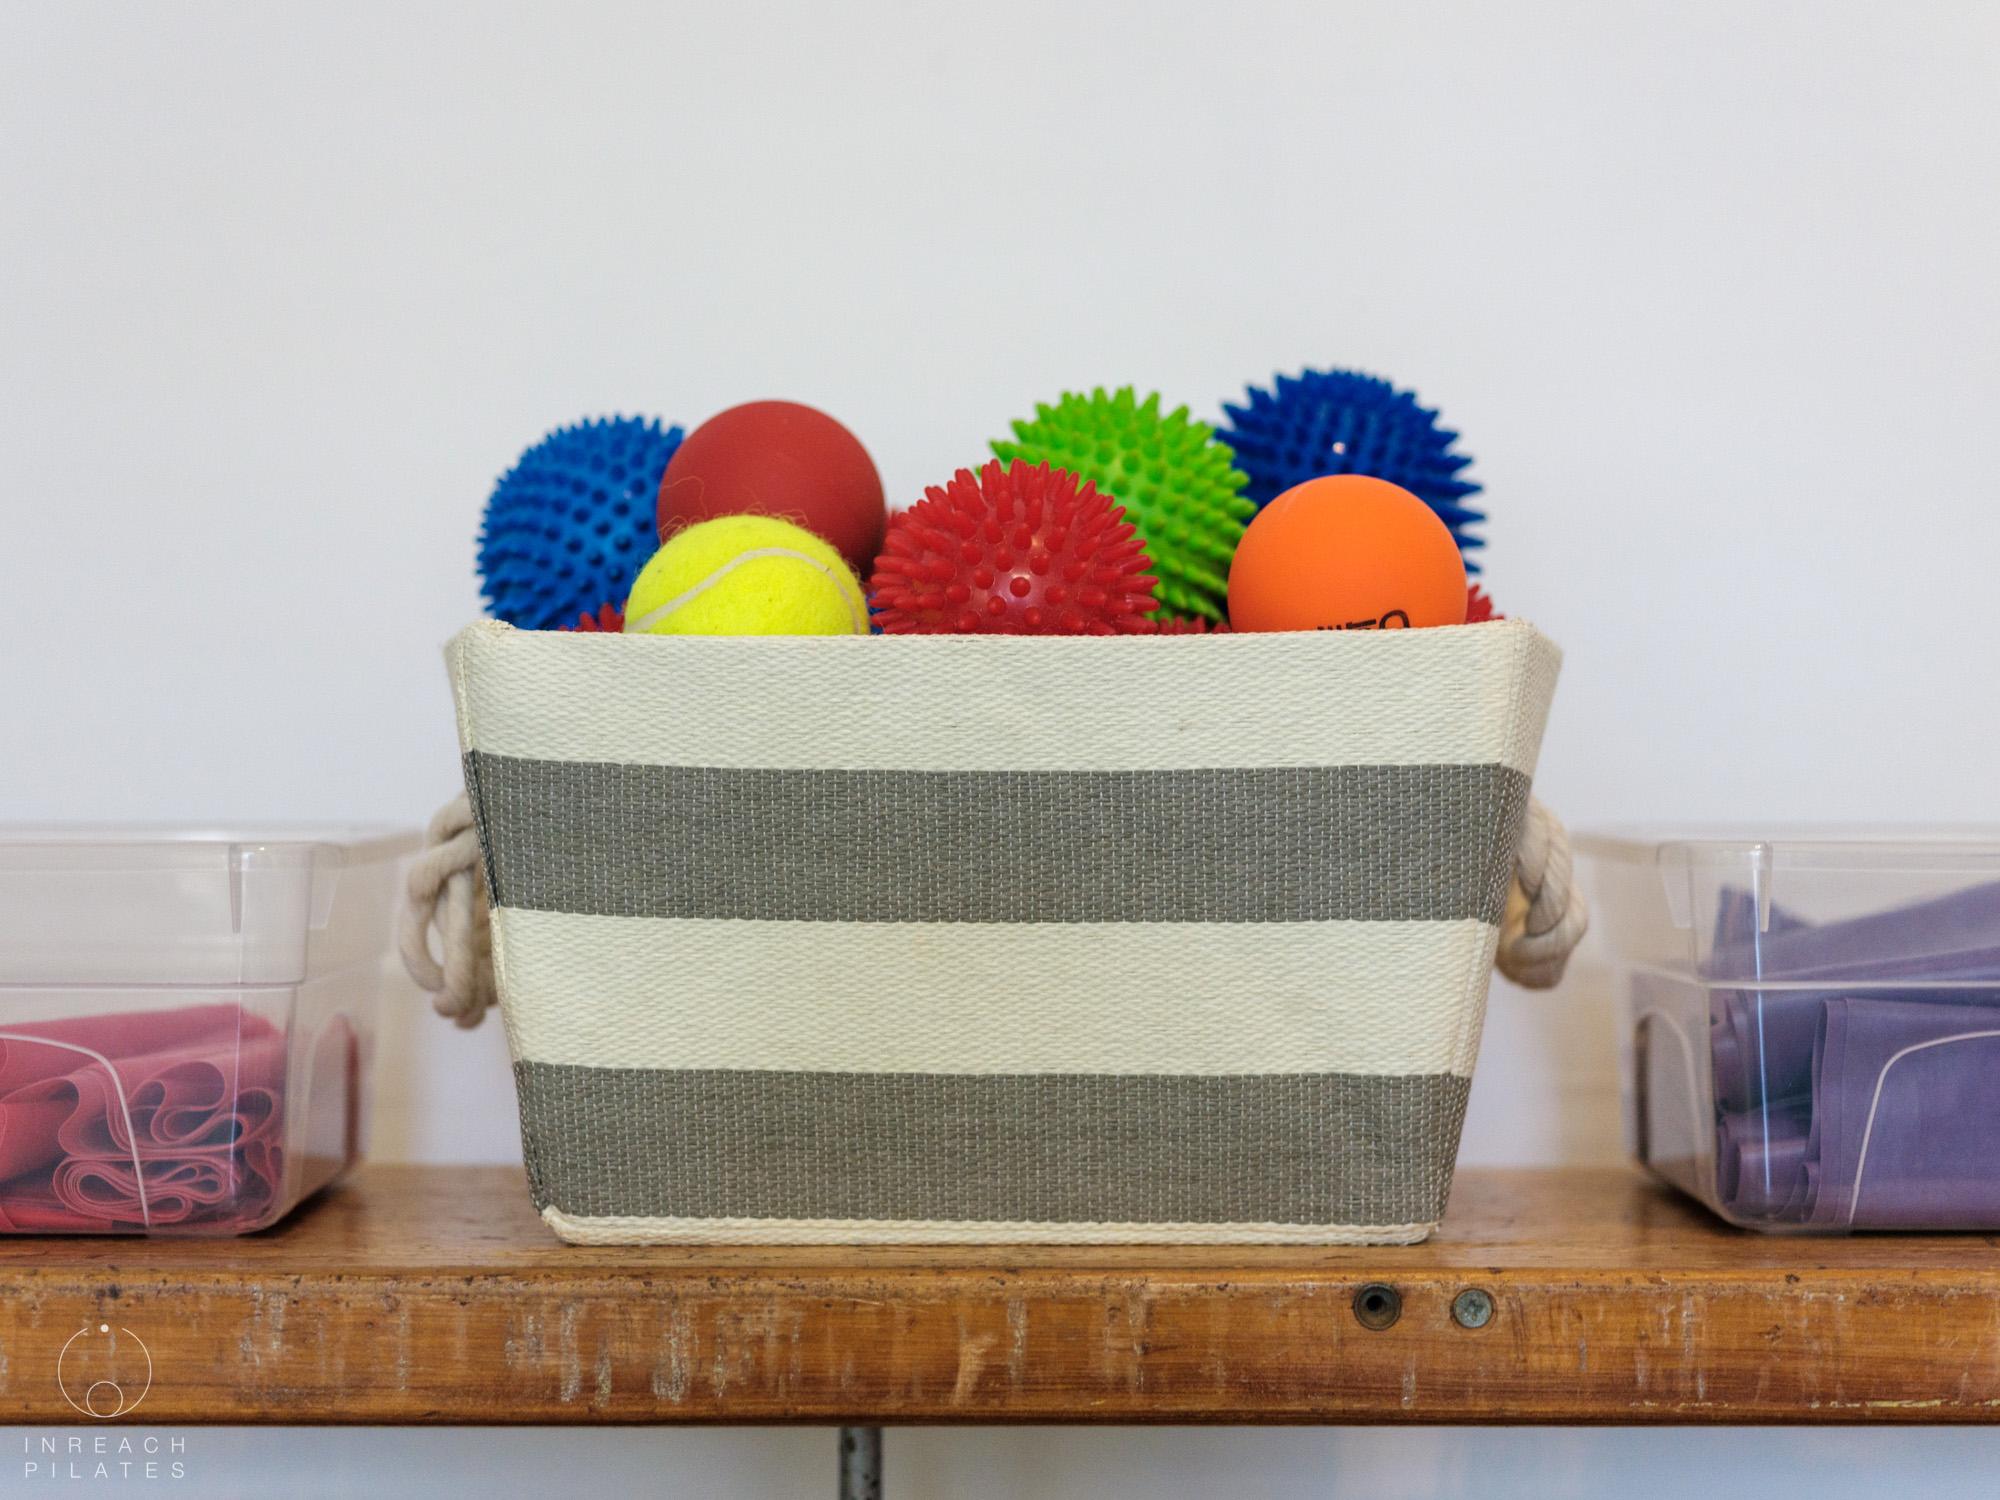 sheffield pilates studio - equipment - balls